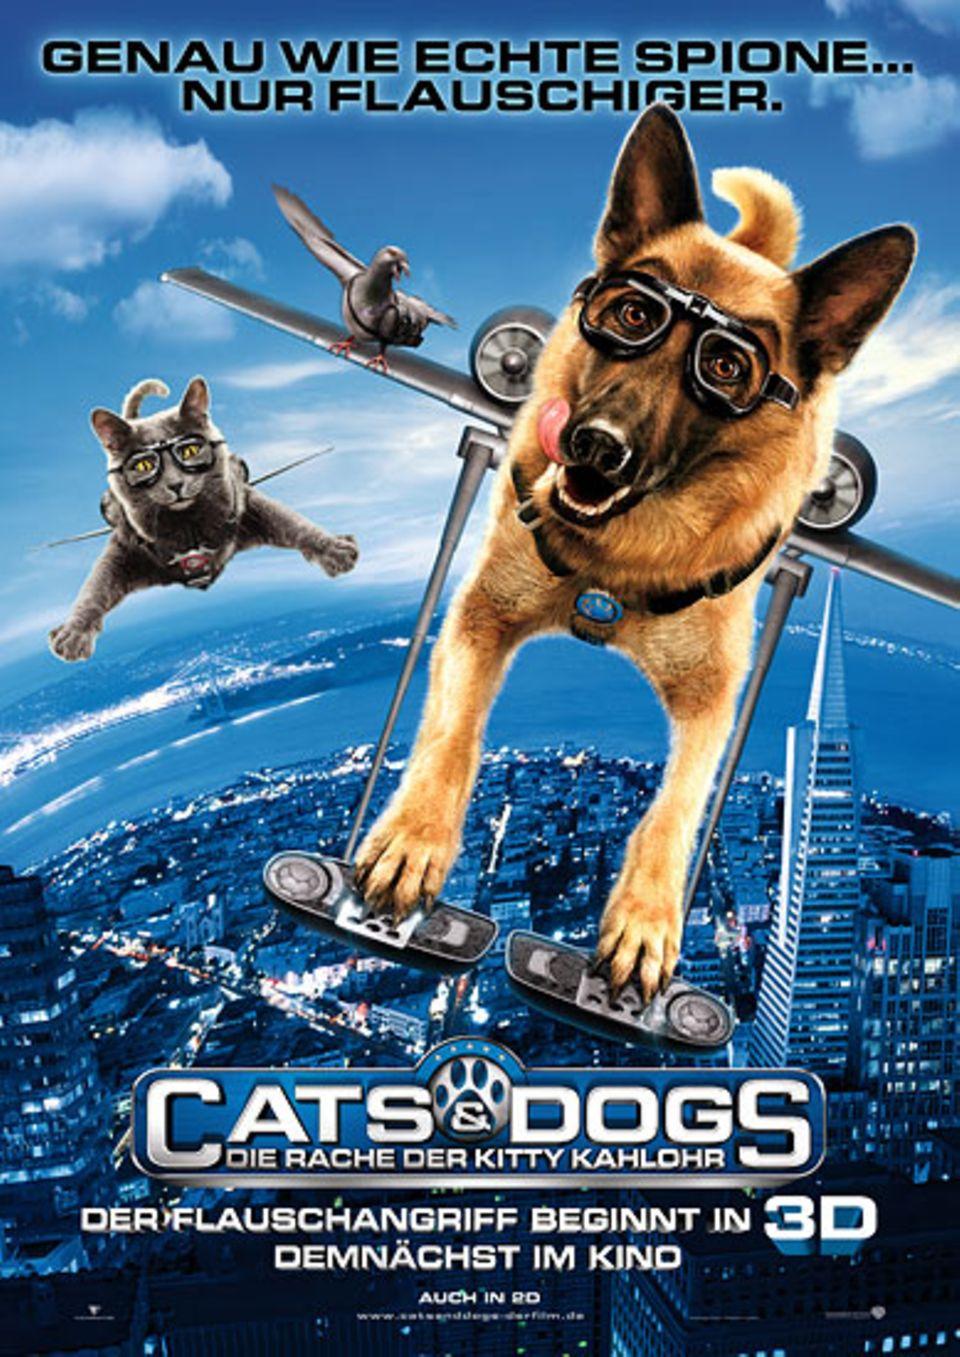 Kinotipp: Cats & Dogs 2 – Die Rache der Kitty Kahlohr